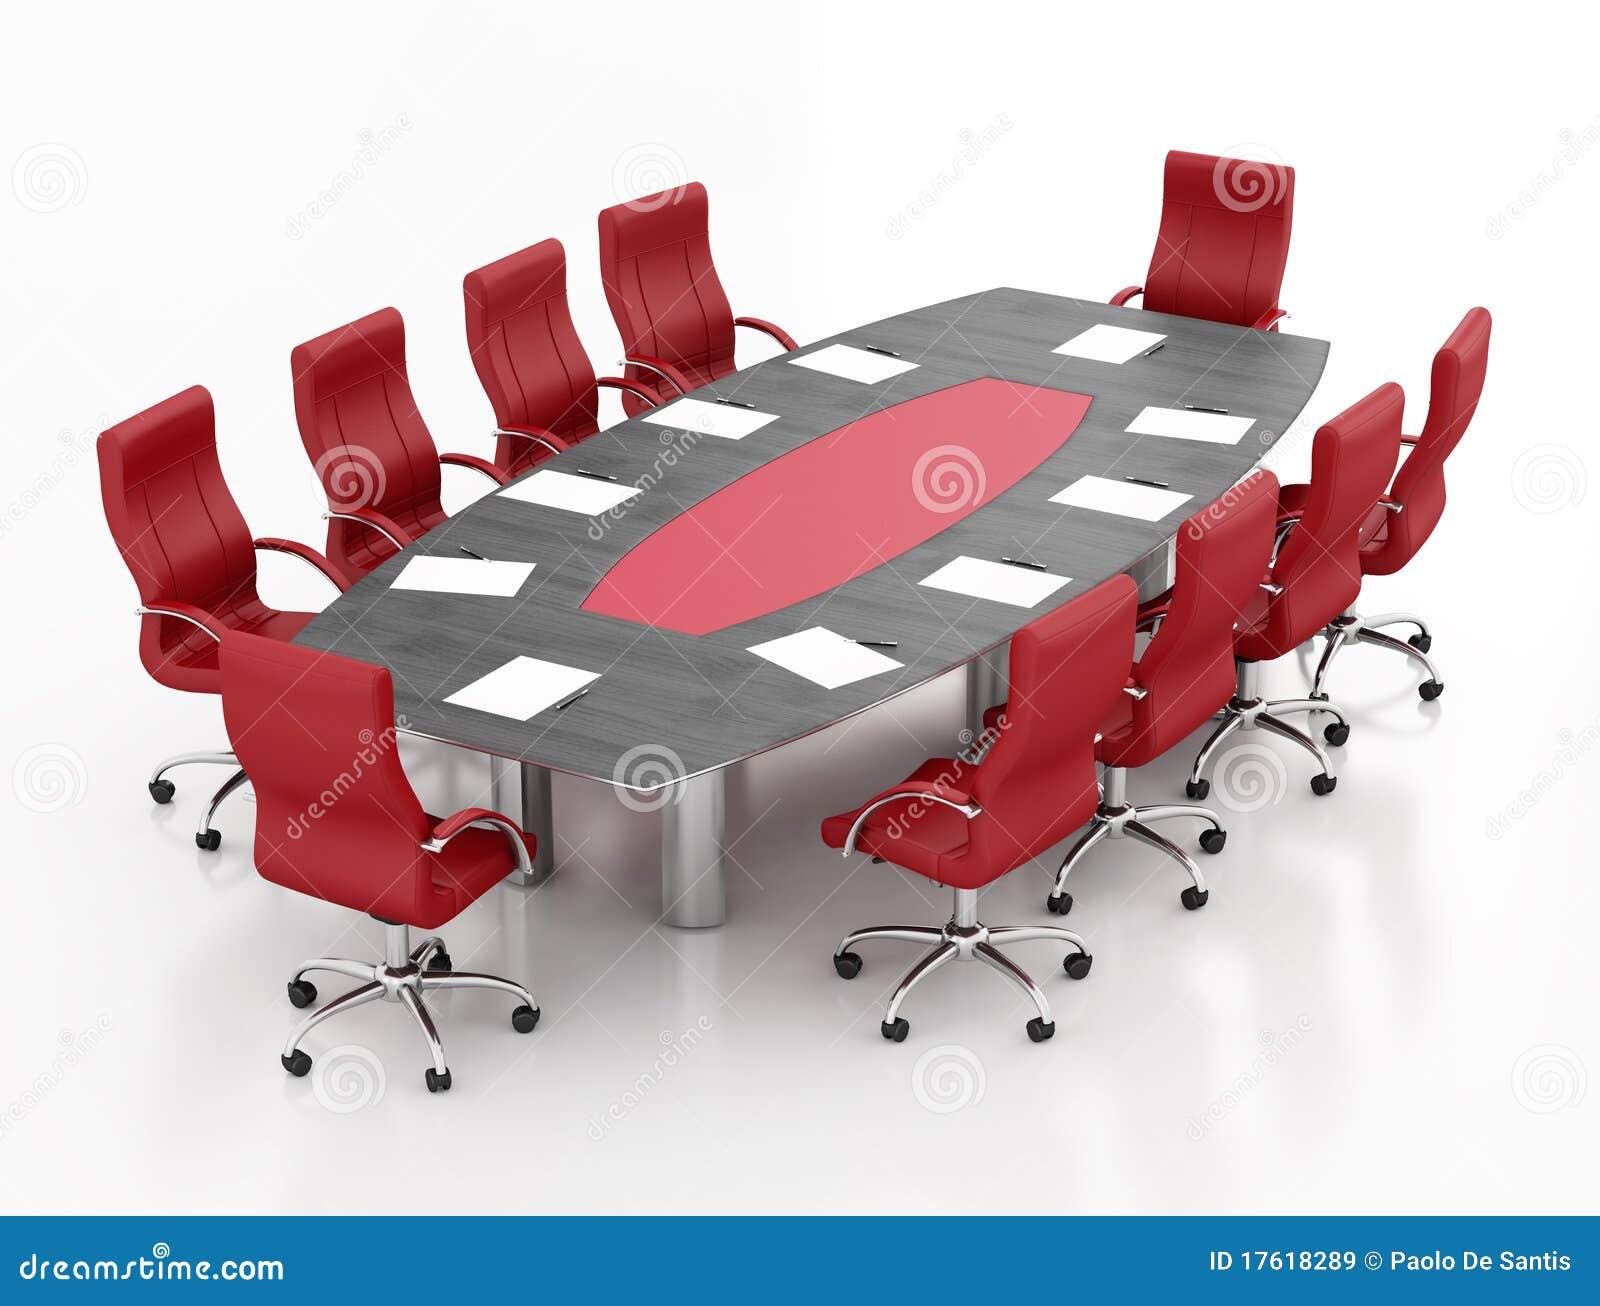 Mesa de reuniones roja y negra im genes de archivo libres for Mesa de reuniones